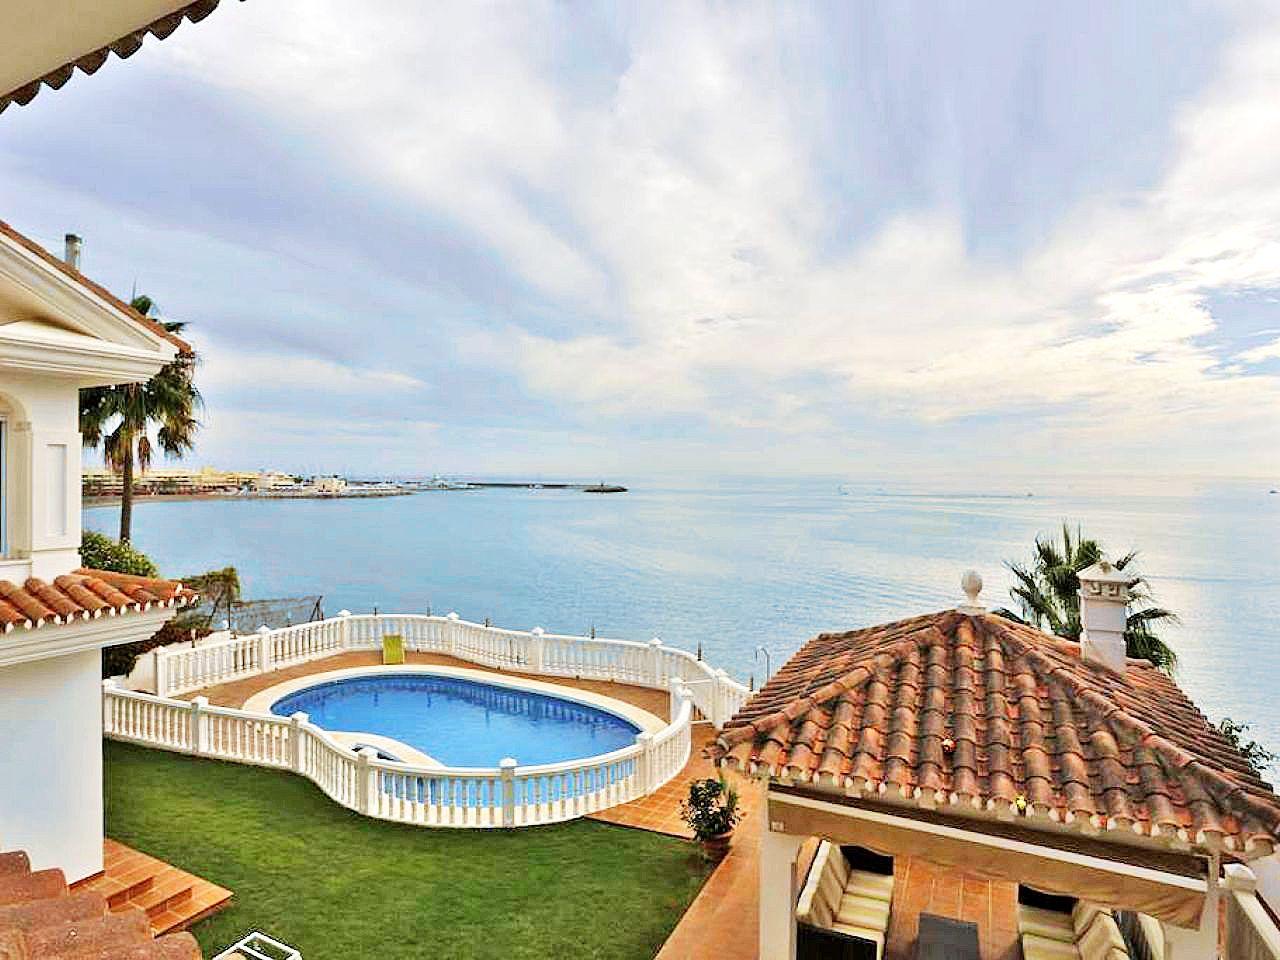 Single Family Home for Sale at Beachfront Benalmadena Benalmadena, Costa Del Sol 29630 Spain